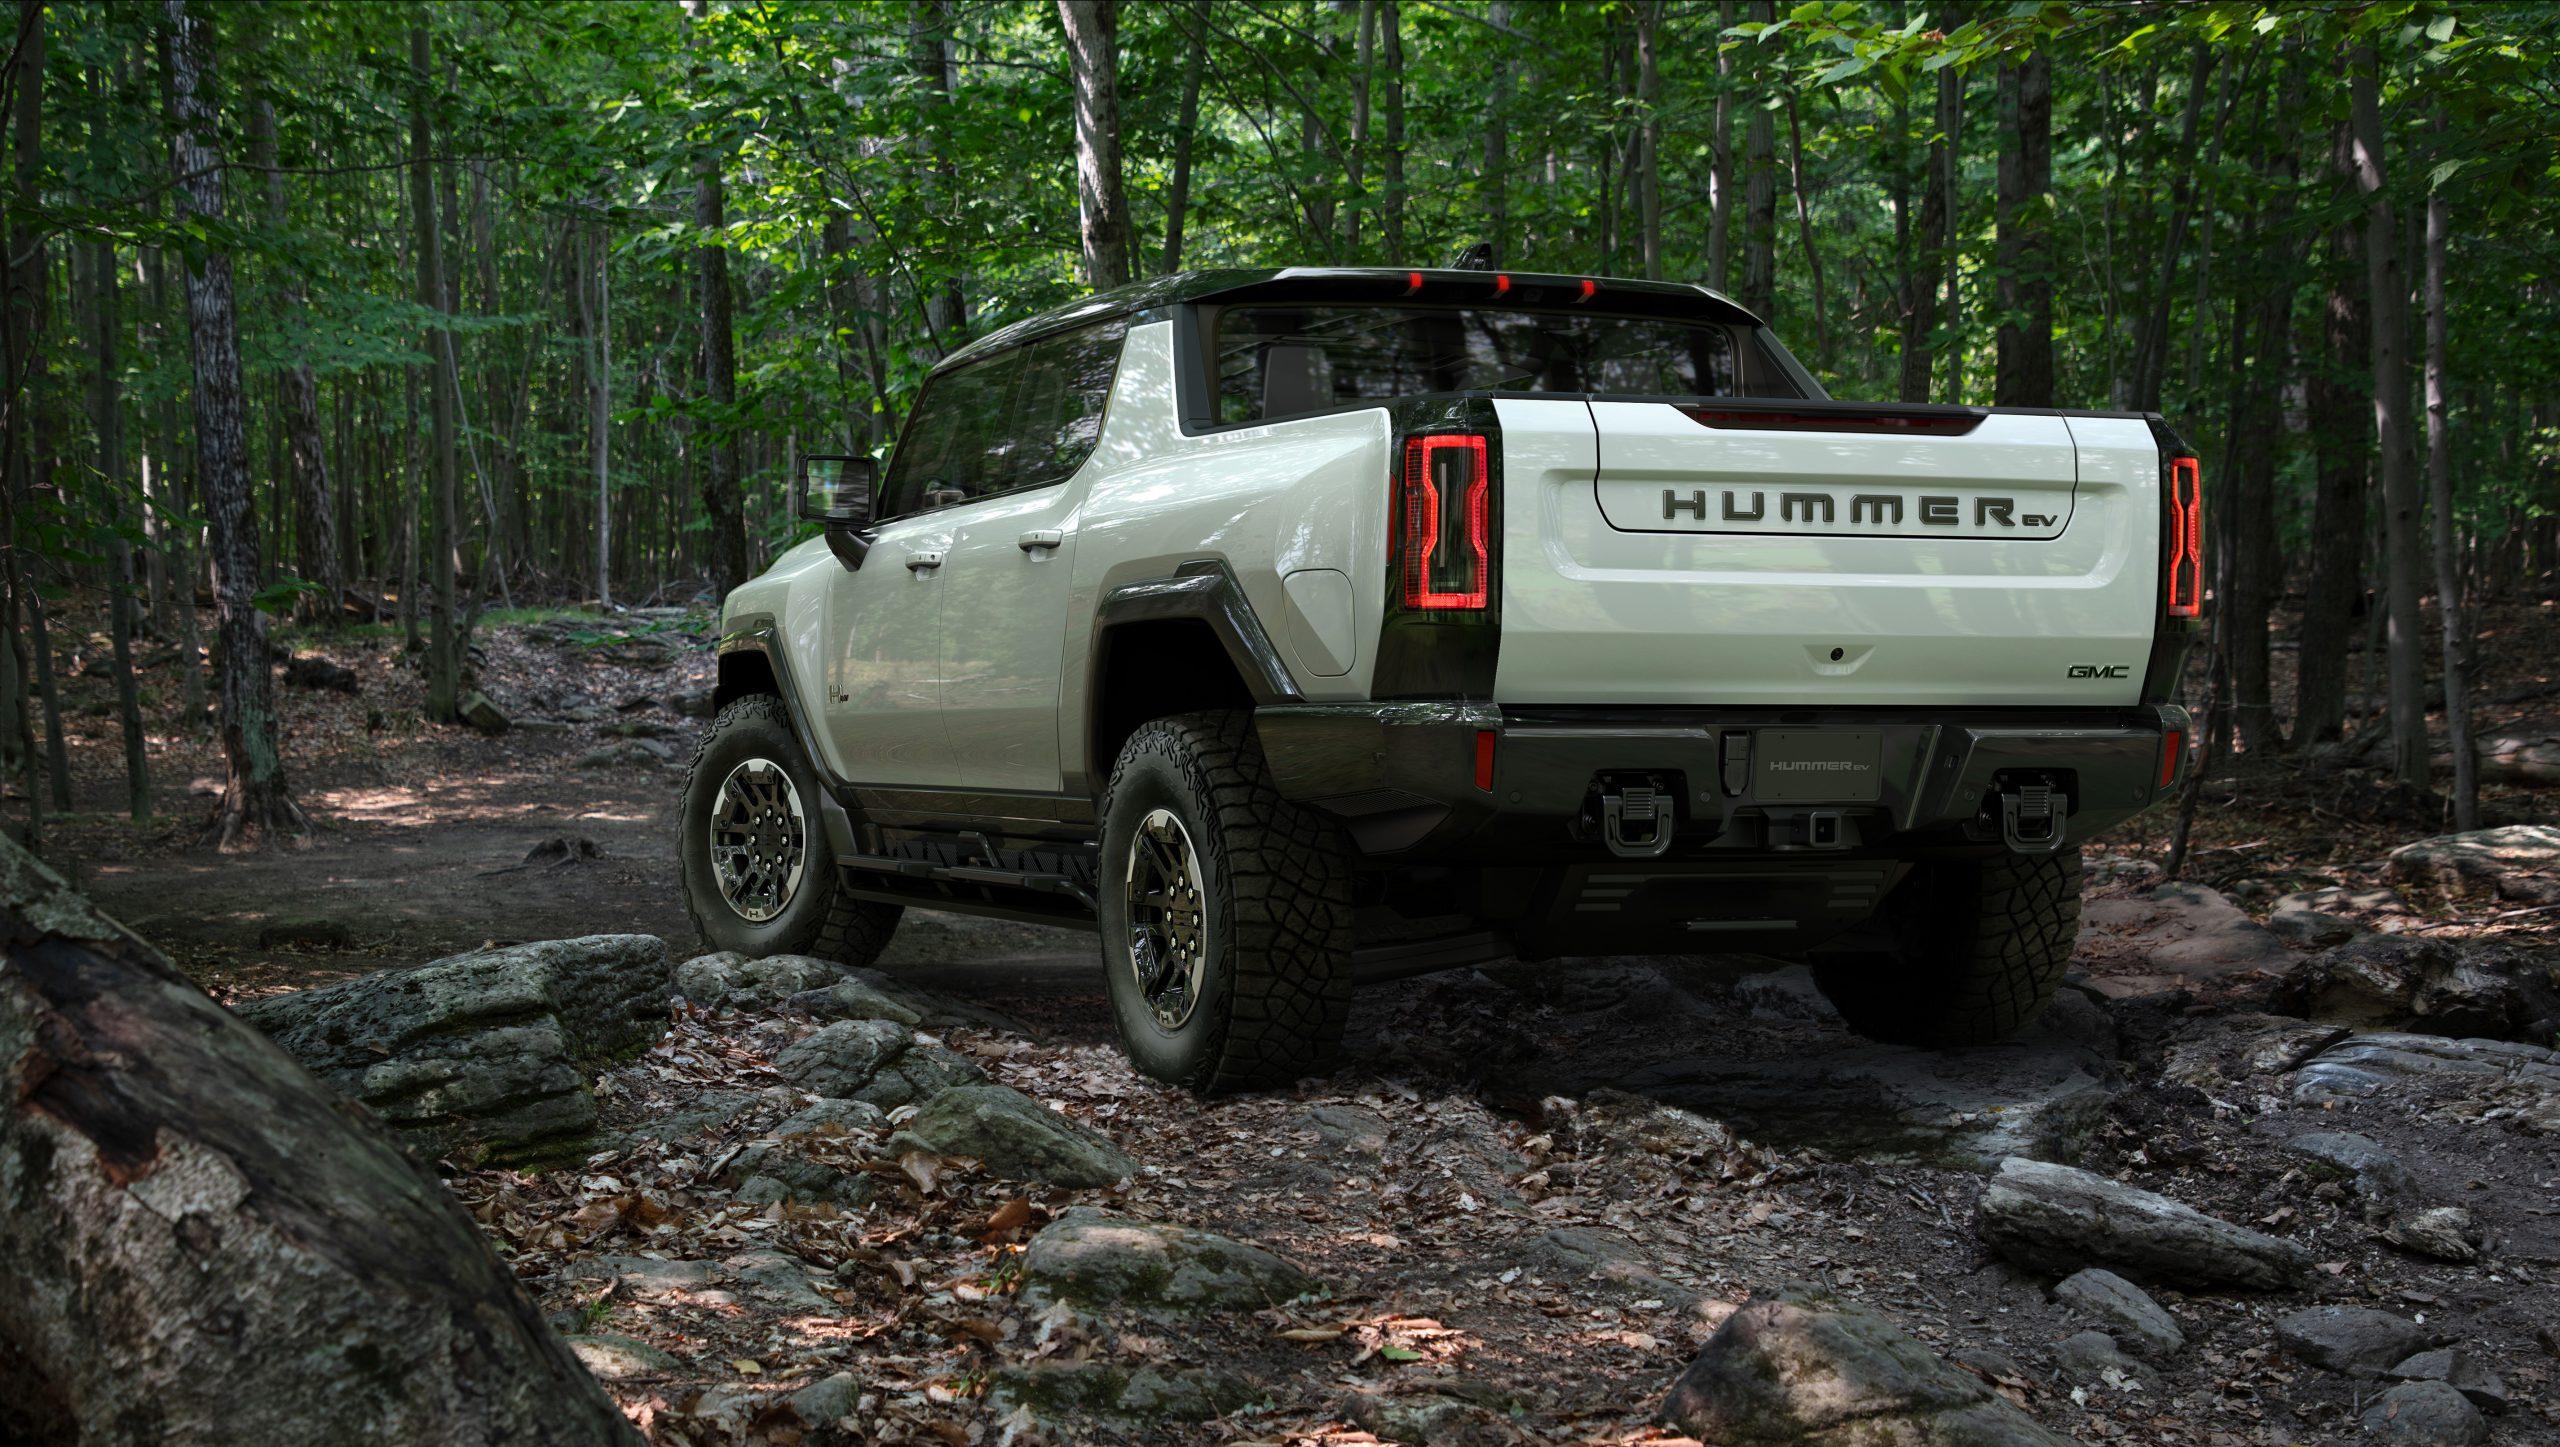 2022 GMC Hummer EV rear three quarter